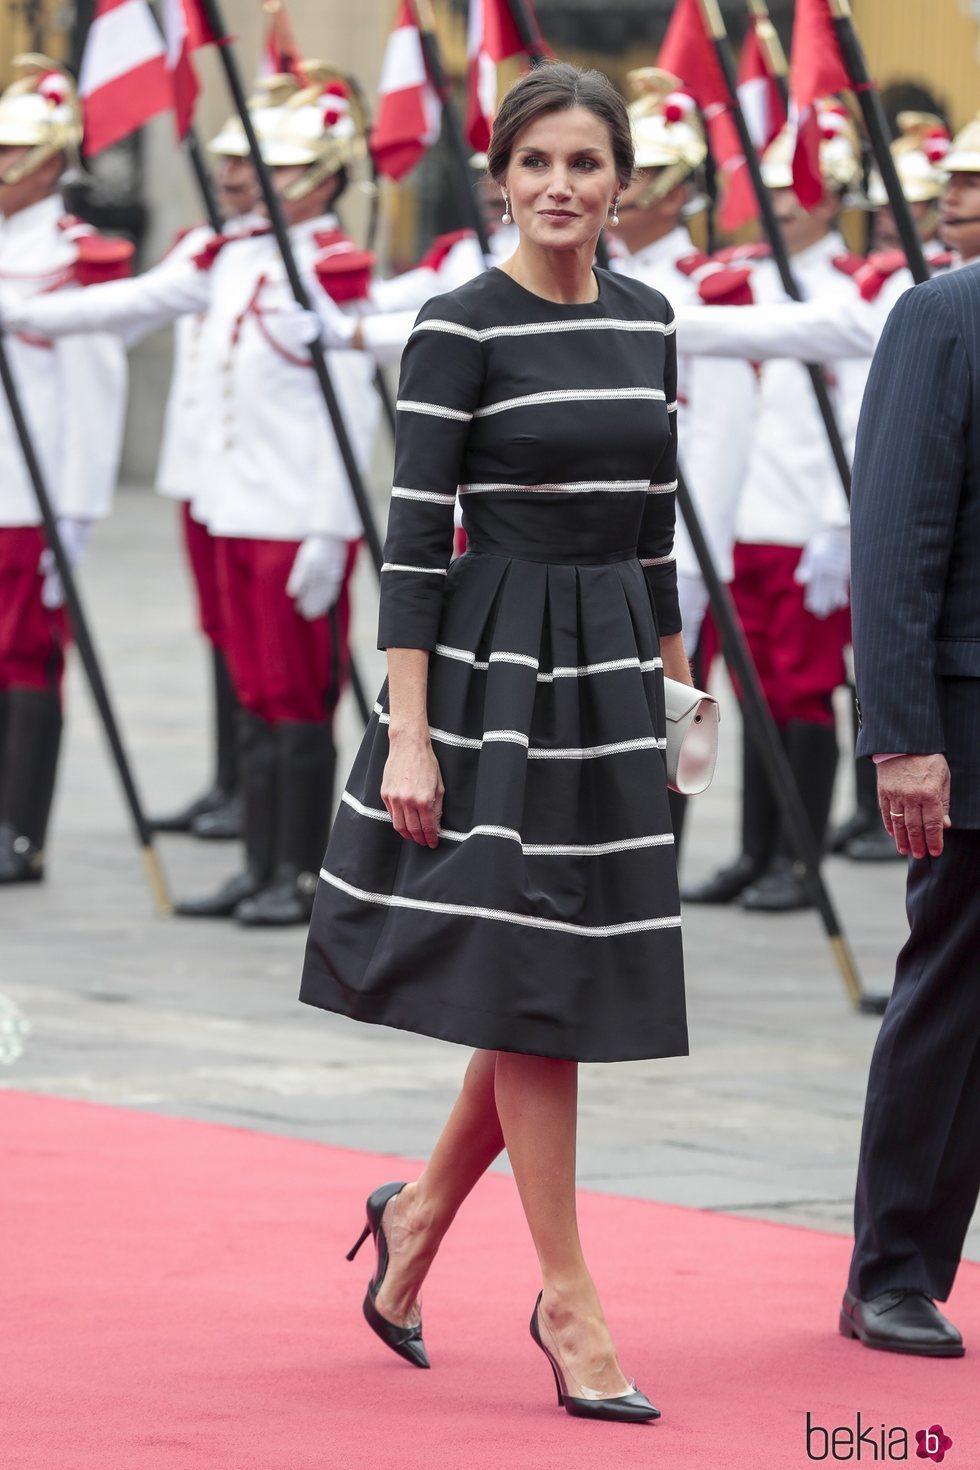 La Reina Letizia luce un vestido a rayas en la visita oficial a Perú